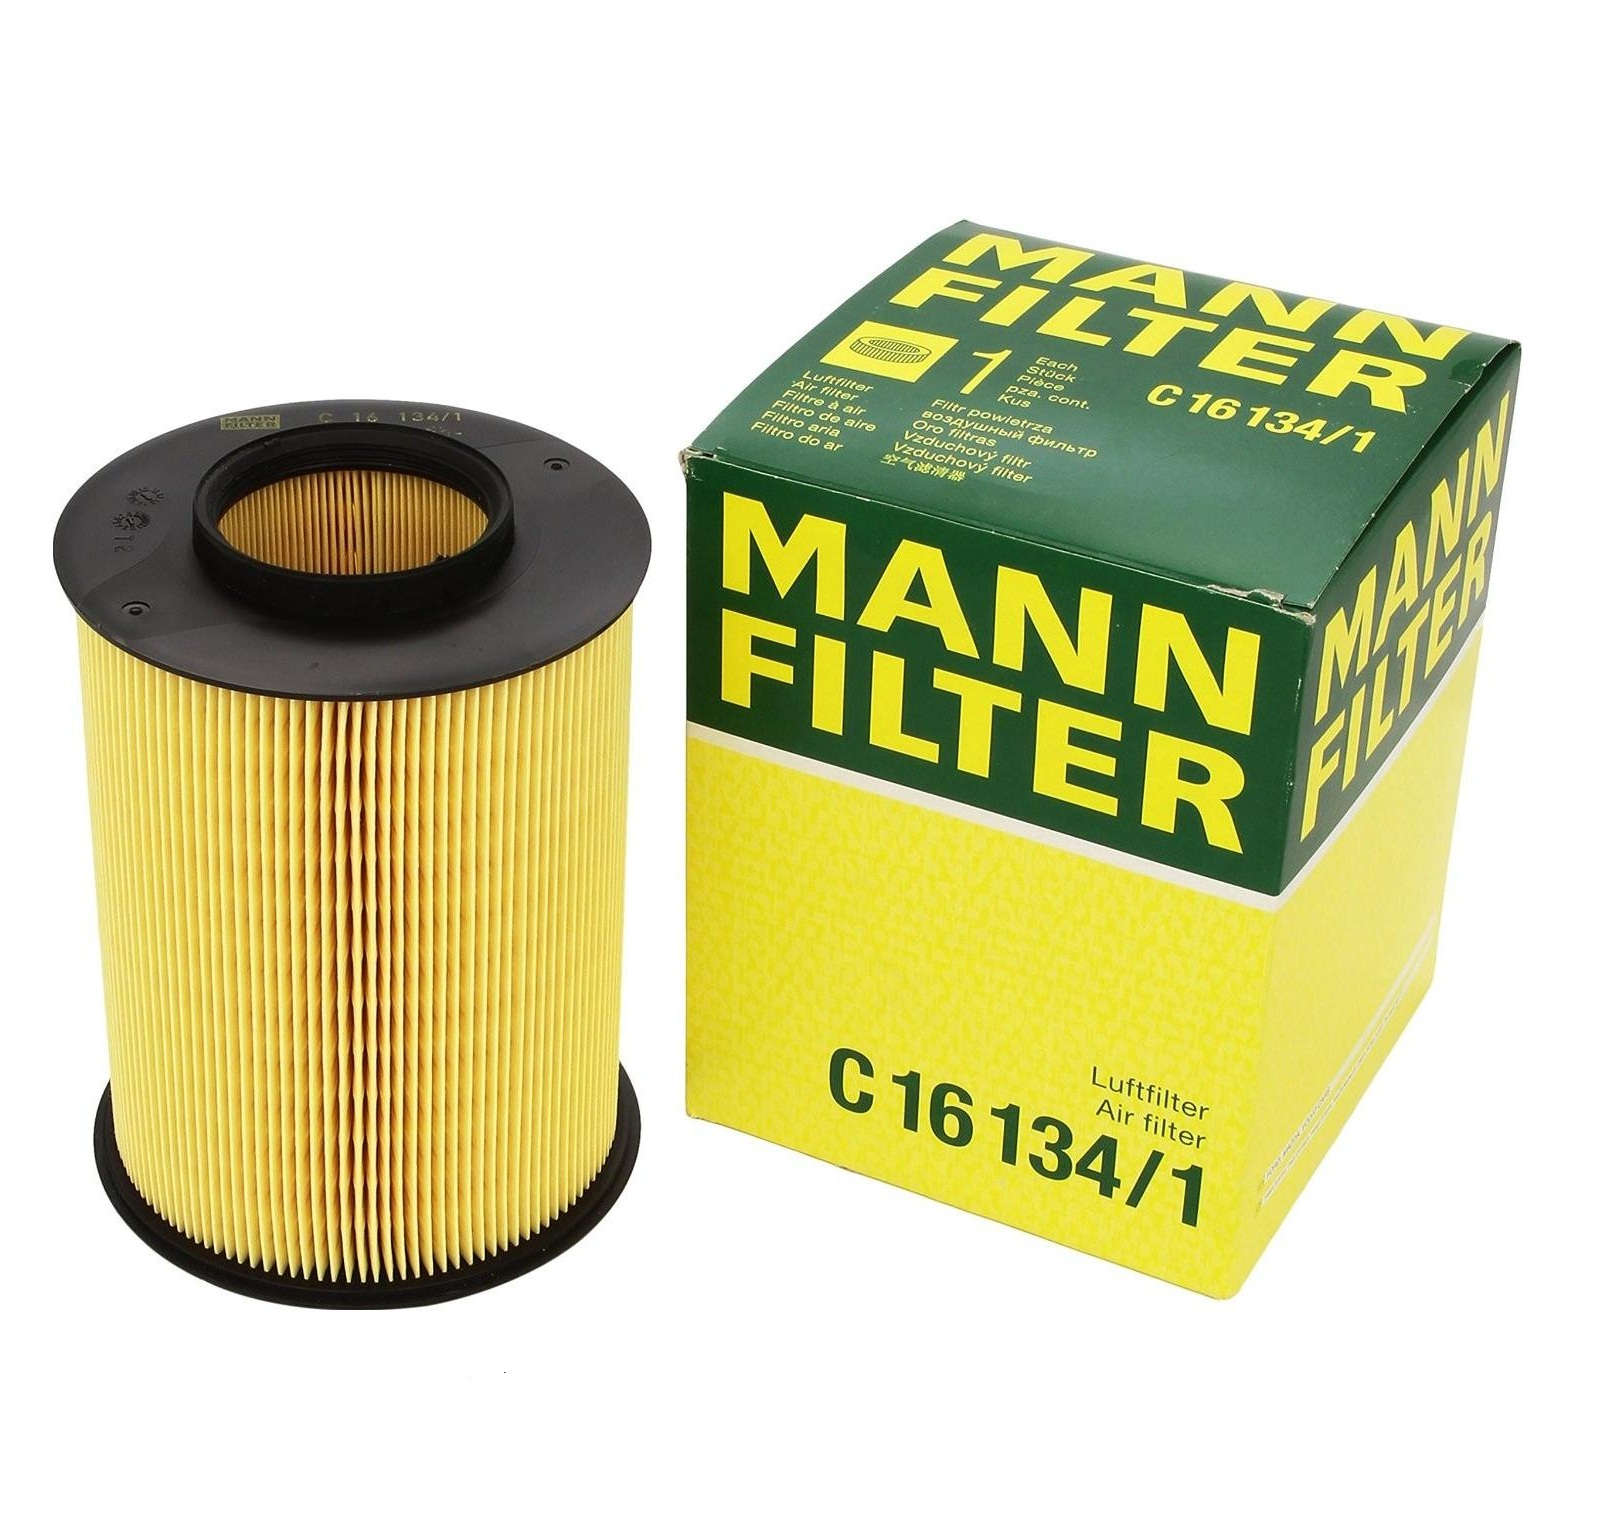 MANN-FILTER C 16 134/1